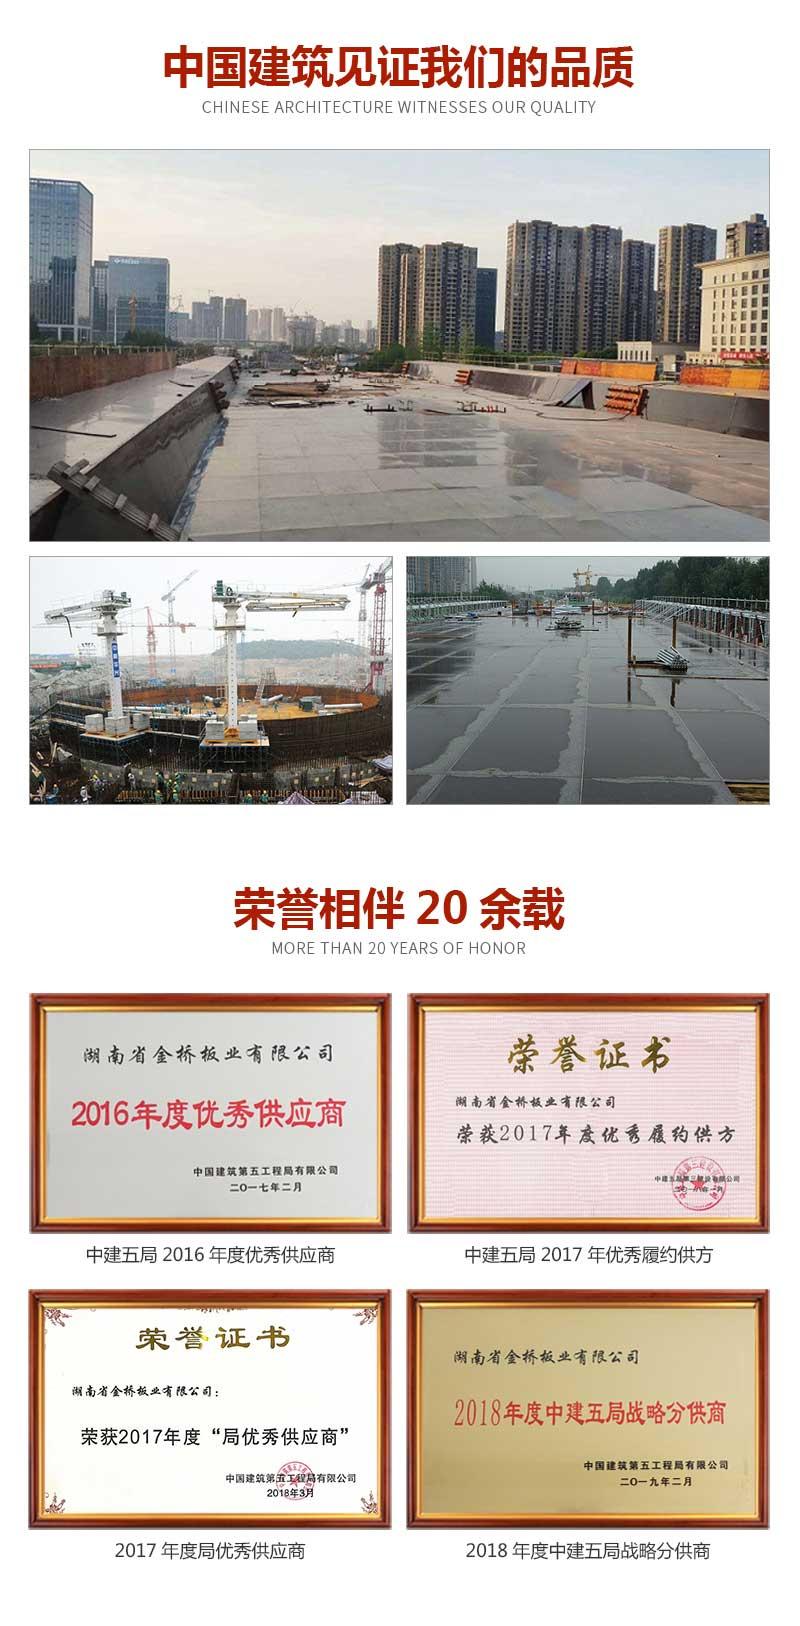 覆膜模板1.83*0.915*1.2金桥板业品质见证